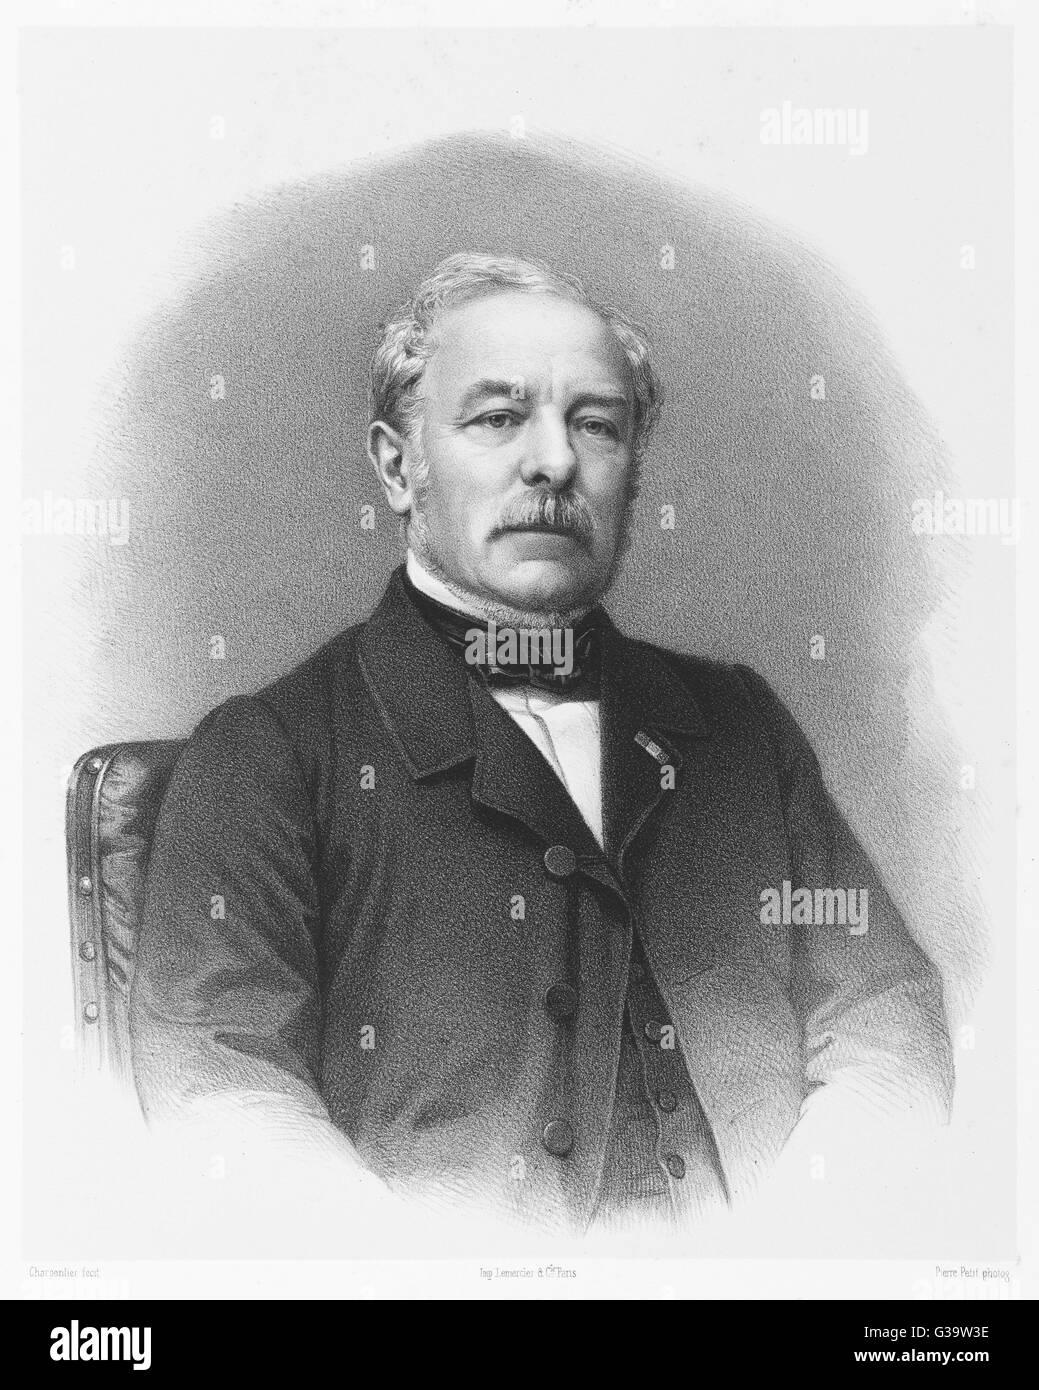 Etienne-Jules Adolphe, Desmier  de Saint-Simon, vicomte  d'ARCHIAC  French geologist and  mineralogist     Date: - Stock Image